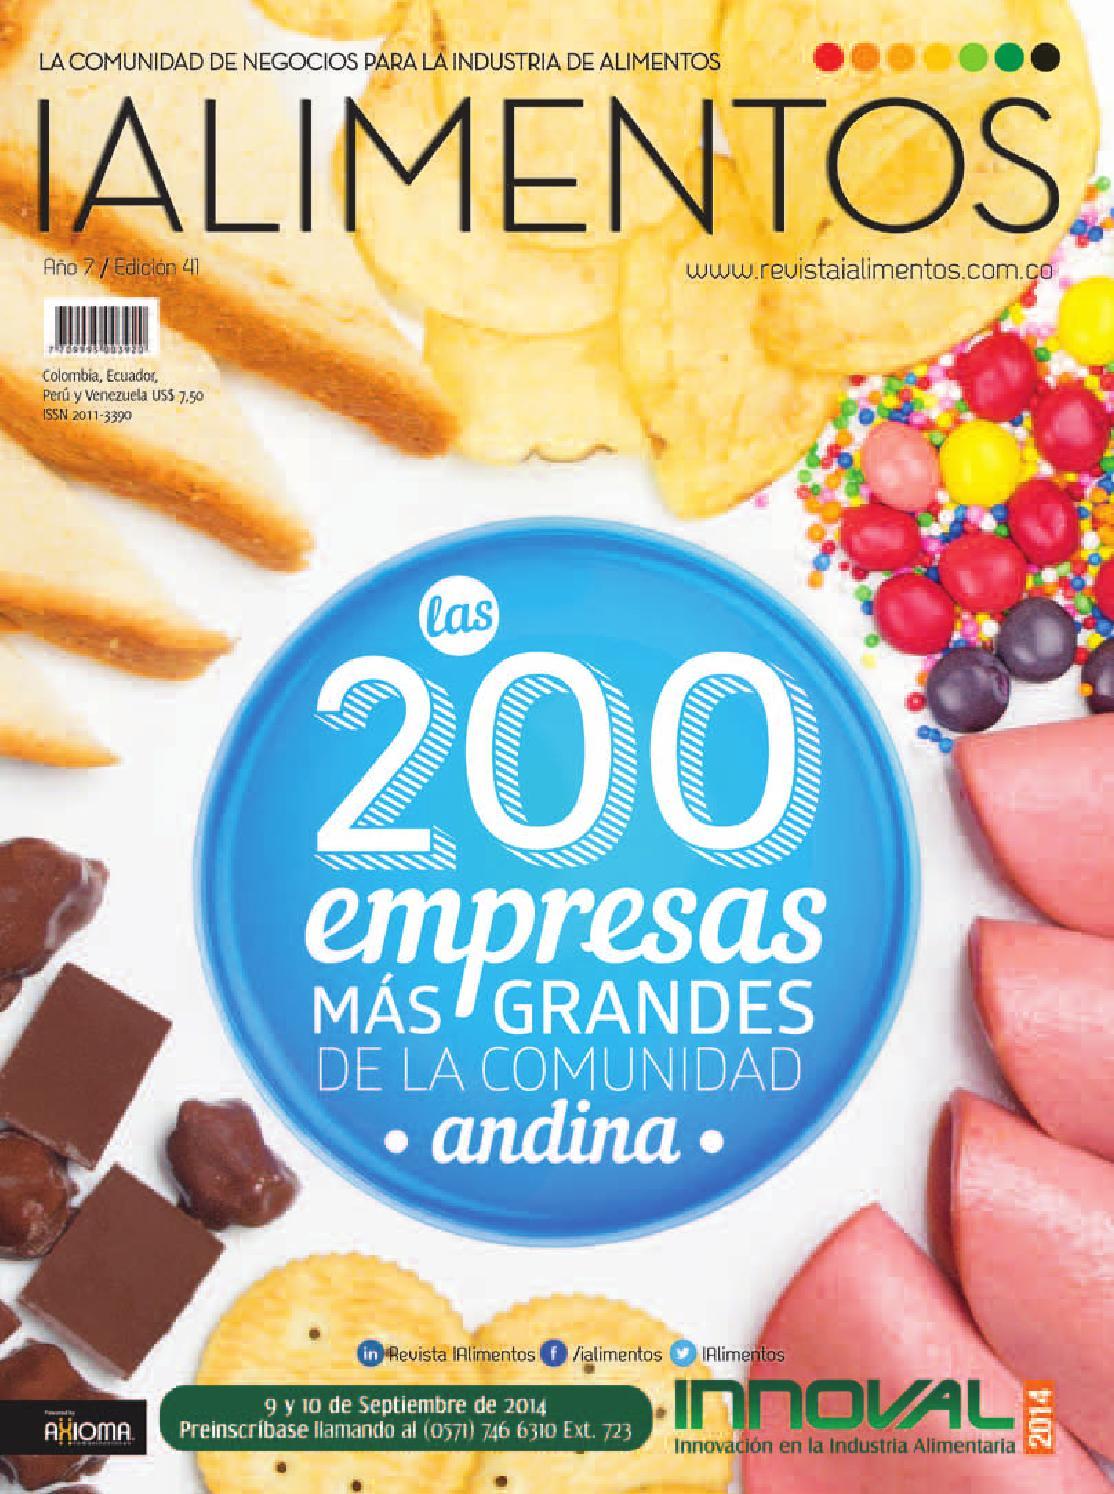 Revista IAlimentos Edición 41 by Axioma Comunicaciones S.A.S. - issuu